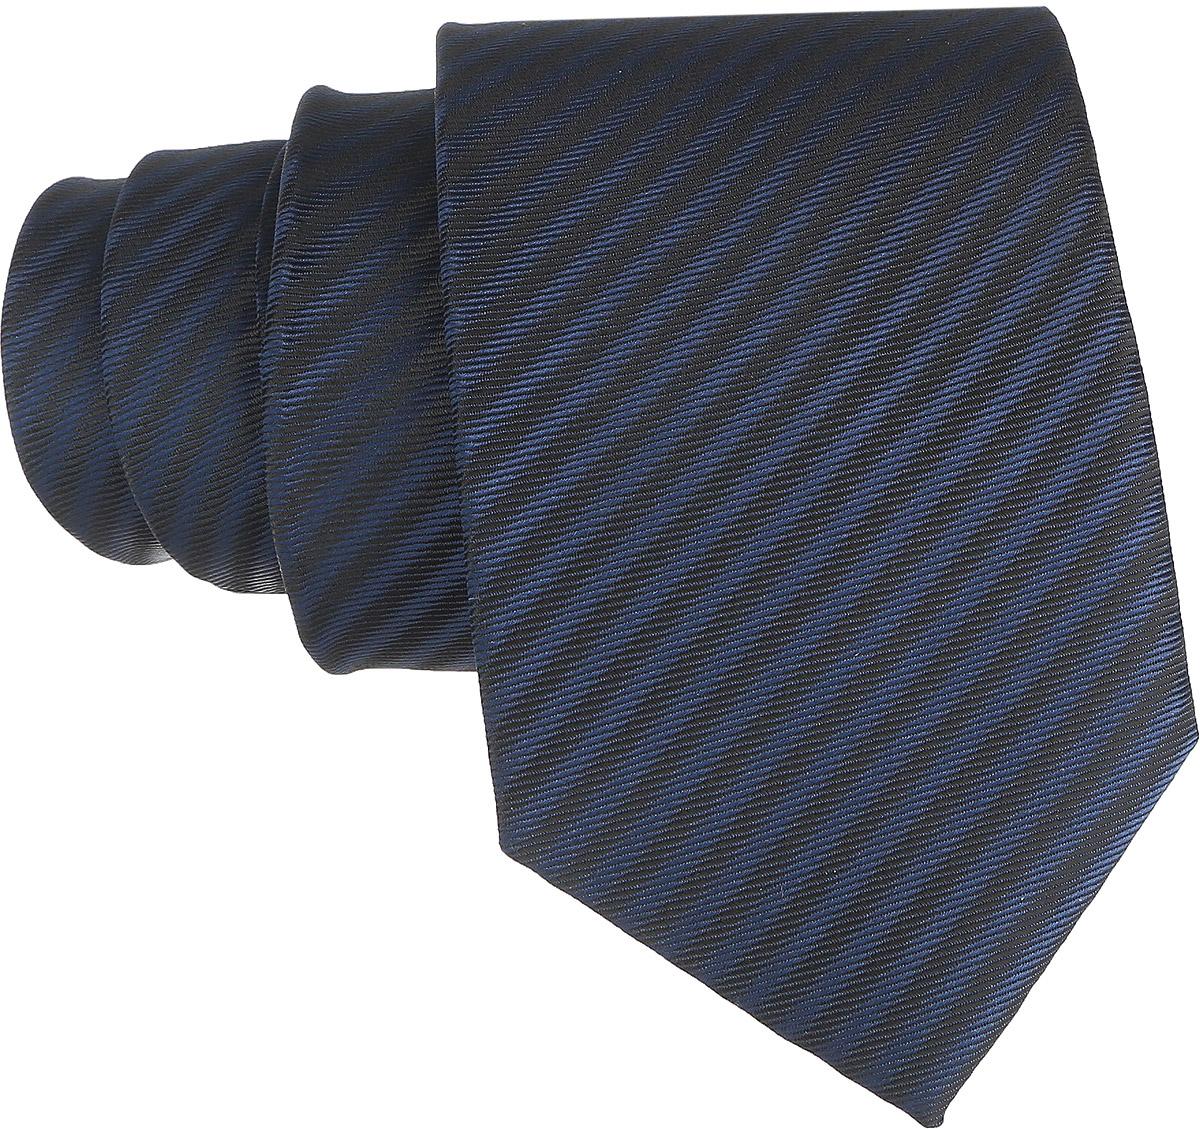 Галстук. 12.01513412.015134Стильный галстук BTC станет отличным завершающим штрихом вашего образа. Этот модный аксессуар порадует вас высоким качеством исполнения и современным дизайном. Изделие полностью выполнено из качественного полиэстера. Галстук оформлен оригинальным принтом. Такой оригинальный галстук подойдет как к повседневному, так и к официальному наряду, он позволит вам подчеркнуть свою индивидуальность и создать свой неповторимый стиль.